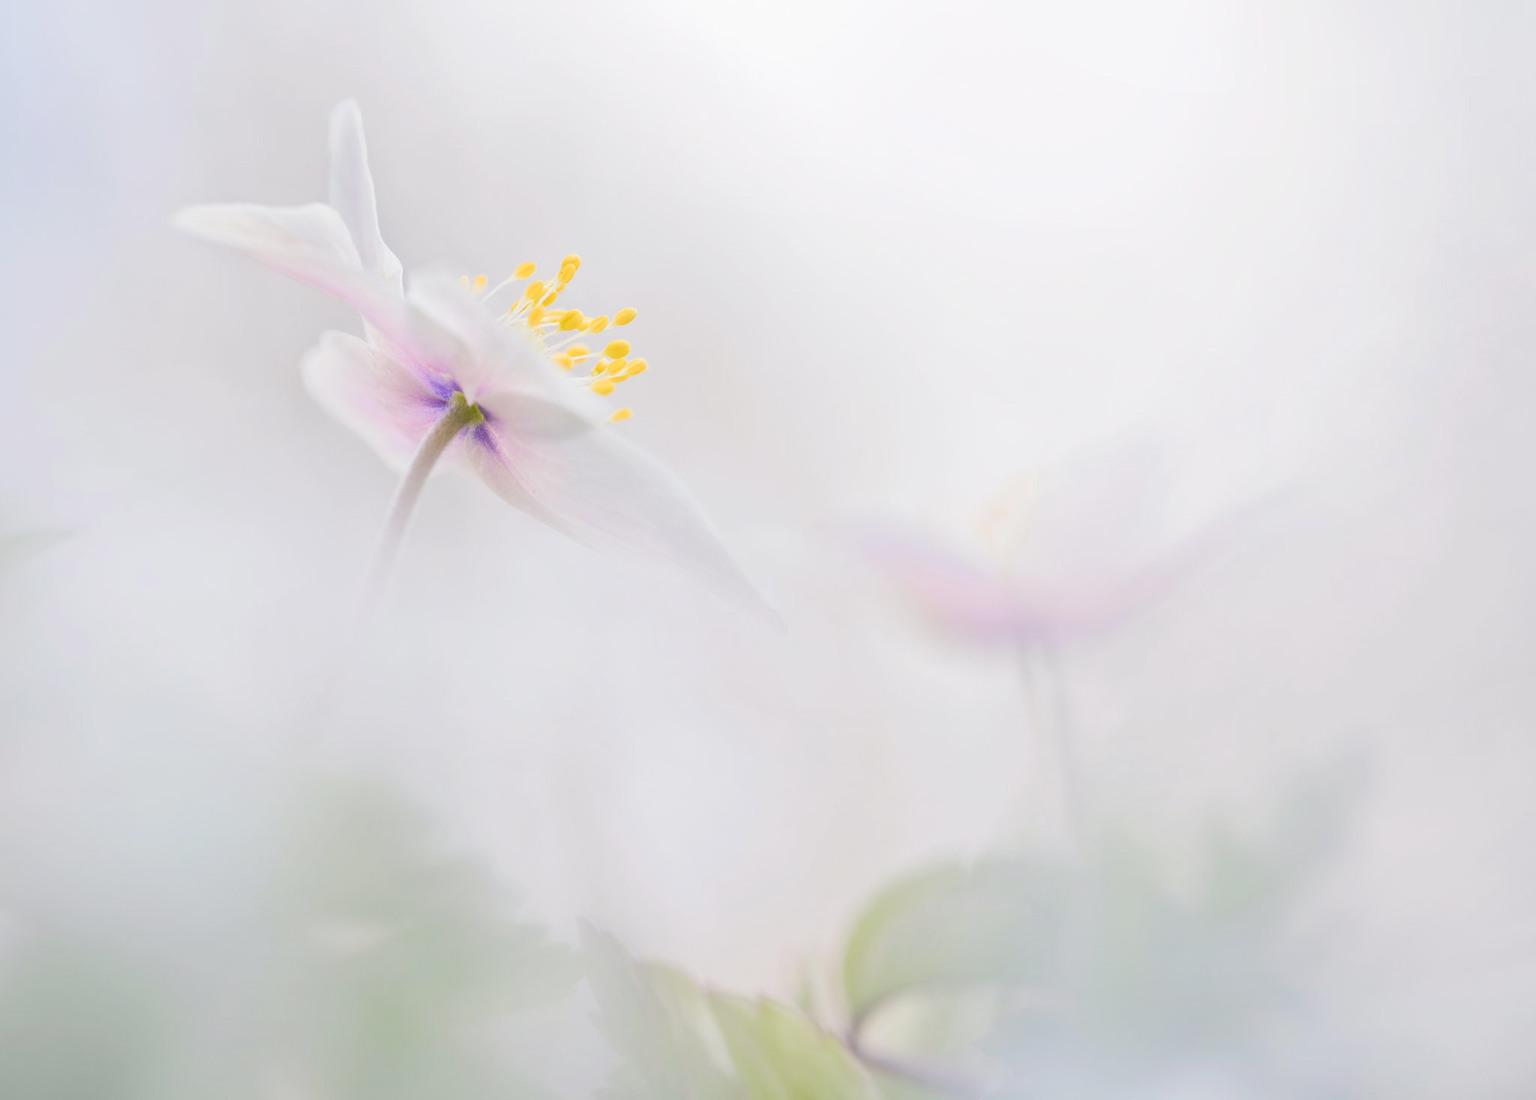 bosanemoon - vorig weekend ben ik naar mijn vertrouwden plaatsje gegaan,opzoek naar de bosanemonen deze foto is er een van,gemaakt met de Laowa macro lens 60 mm   - foto door loeffen_zoom op 10-04-2021 - deze foto bevat: bloem, fabriek, bloemblaadje, terrestrische plant, takje, pedicel, kruidachtige plant, bloeiende plant, gras, macrofotografie